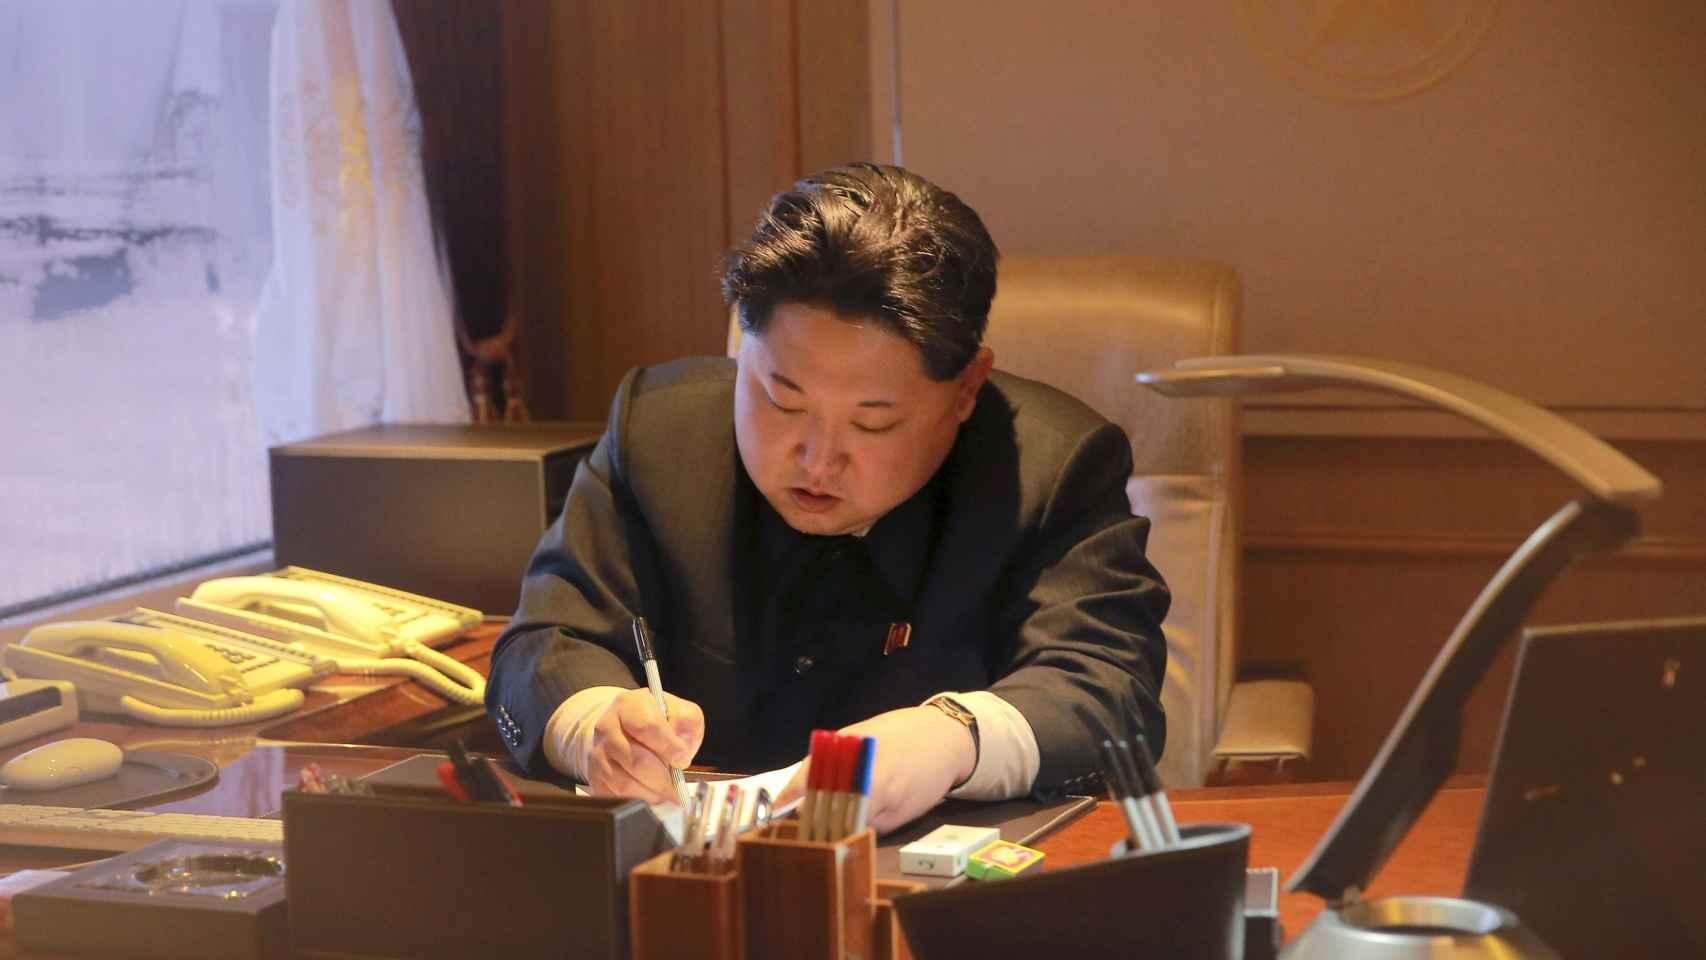 El régimen de Kim Jong Un vuelve al sistema estaliniano de su abuelo.